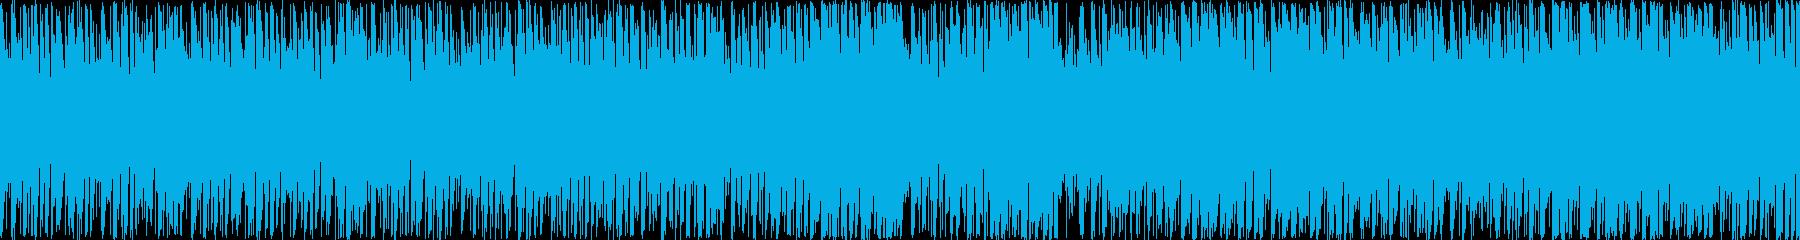 ぷよテトのようなパズルゲーム ループ演奏の再生済みの波形